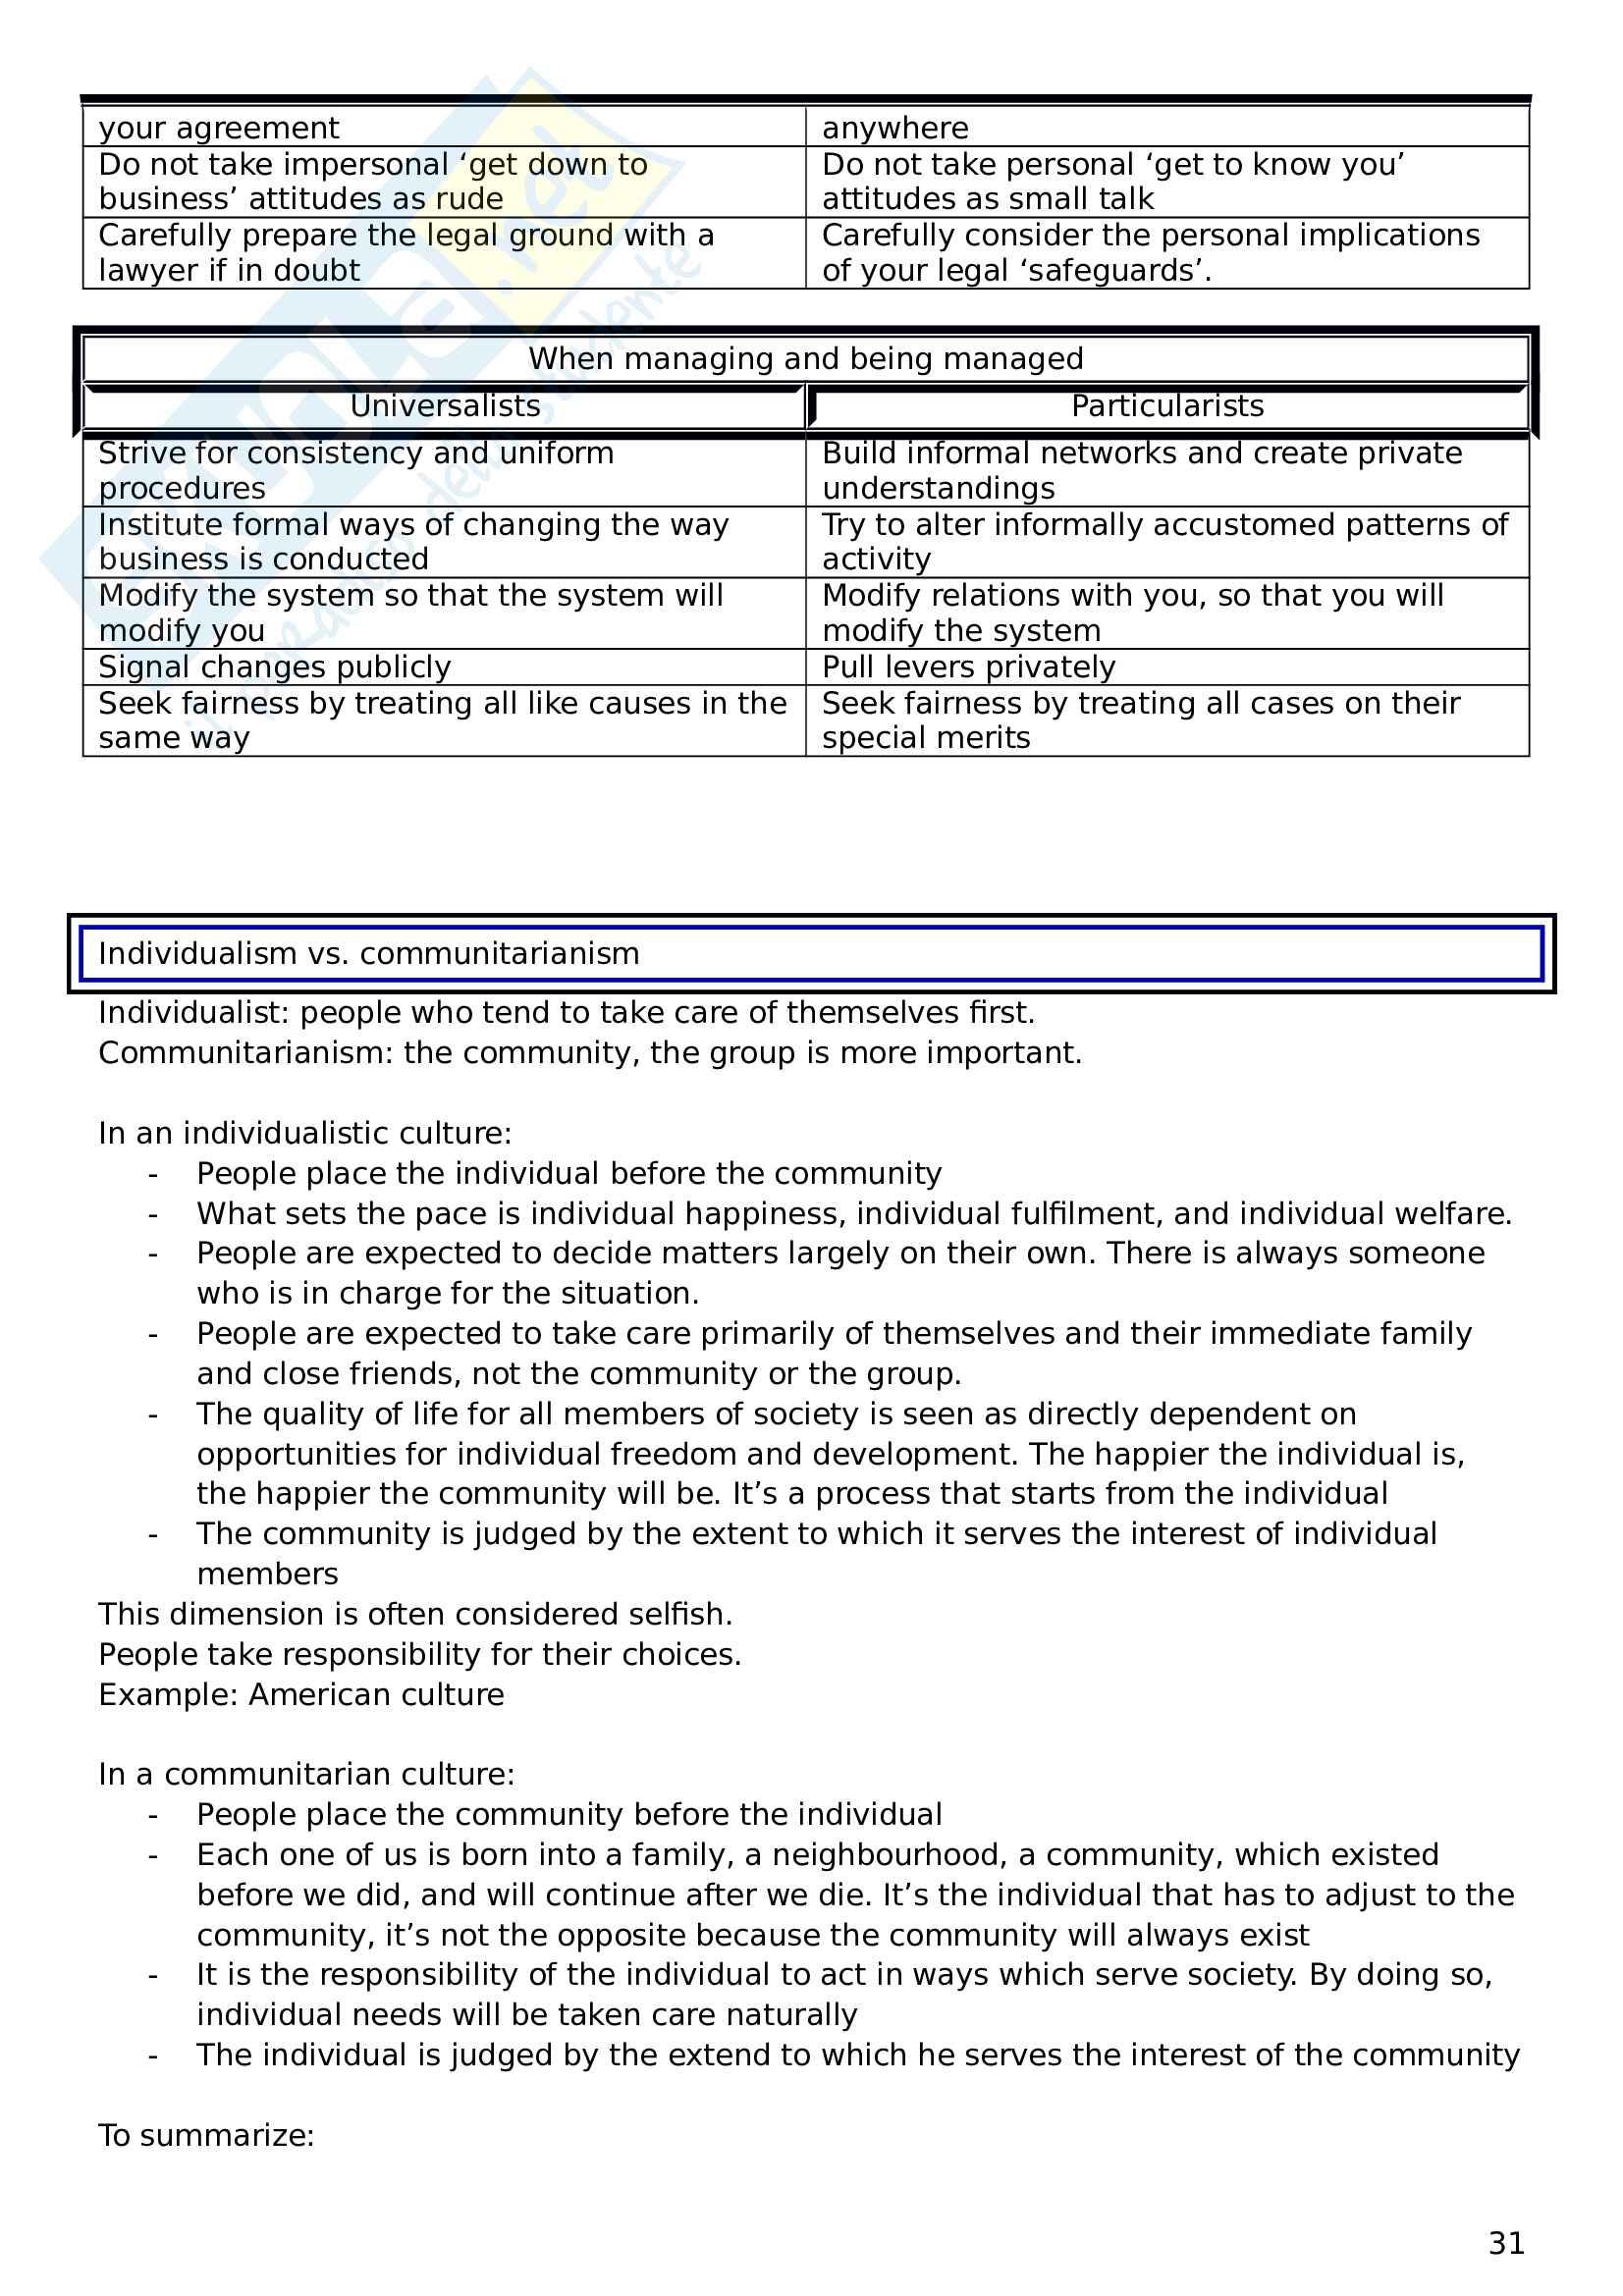 Appunti di Inglese monografico 3 (Prof. Rossi) Pag. 31